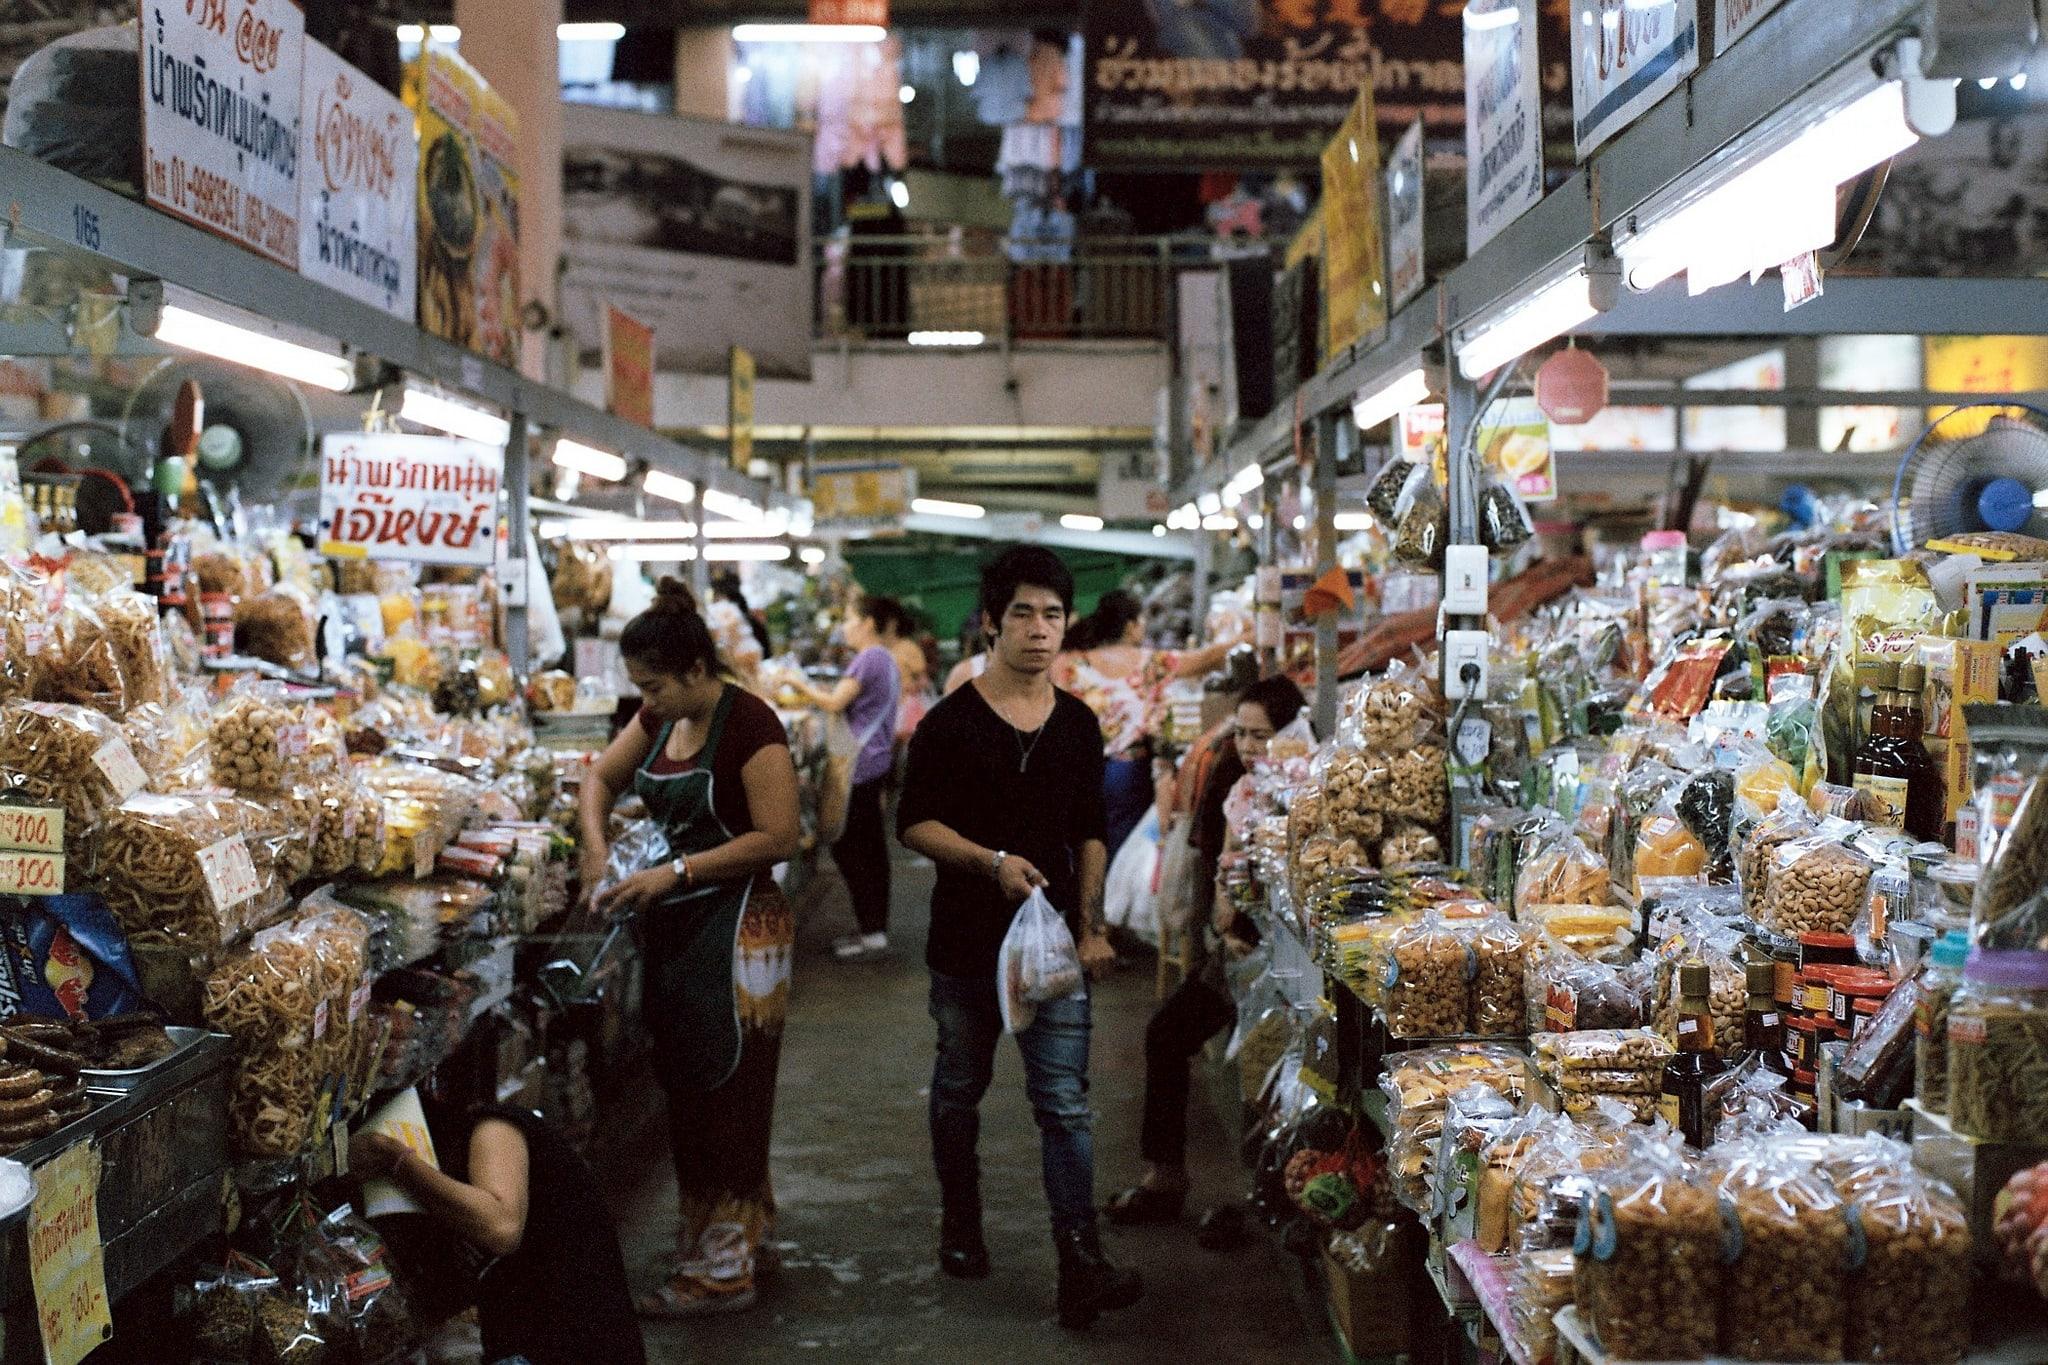 當地人採買生活用品的市集。來源:http://bit.ly/2KWuMtY。